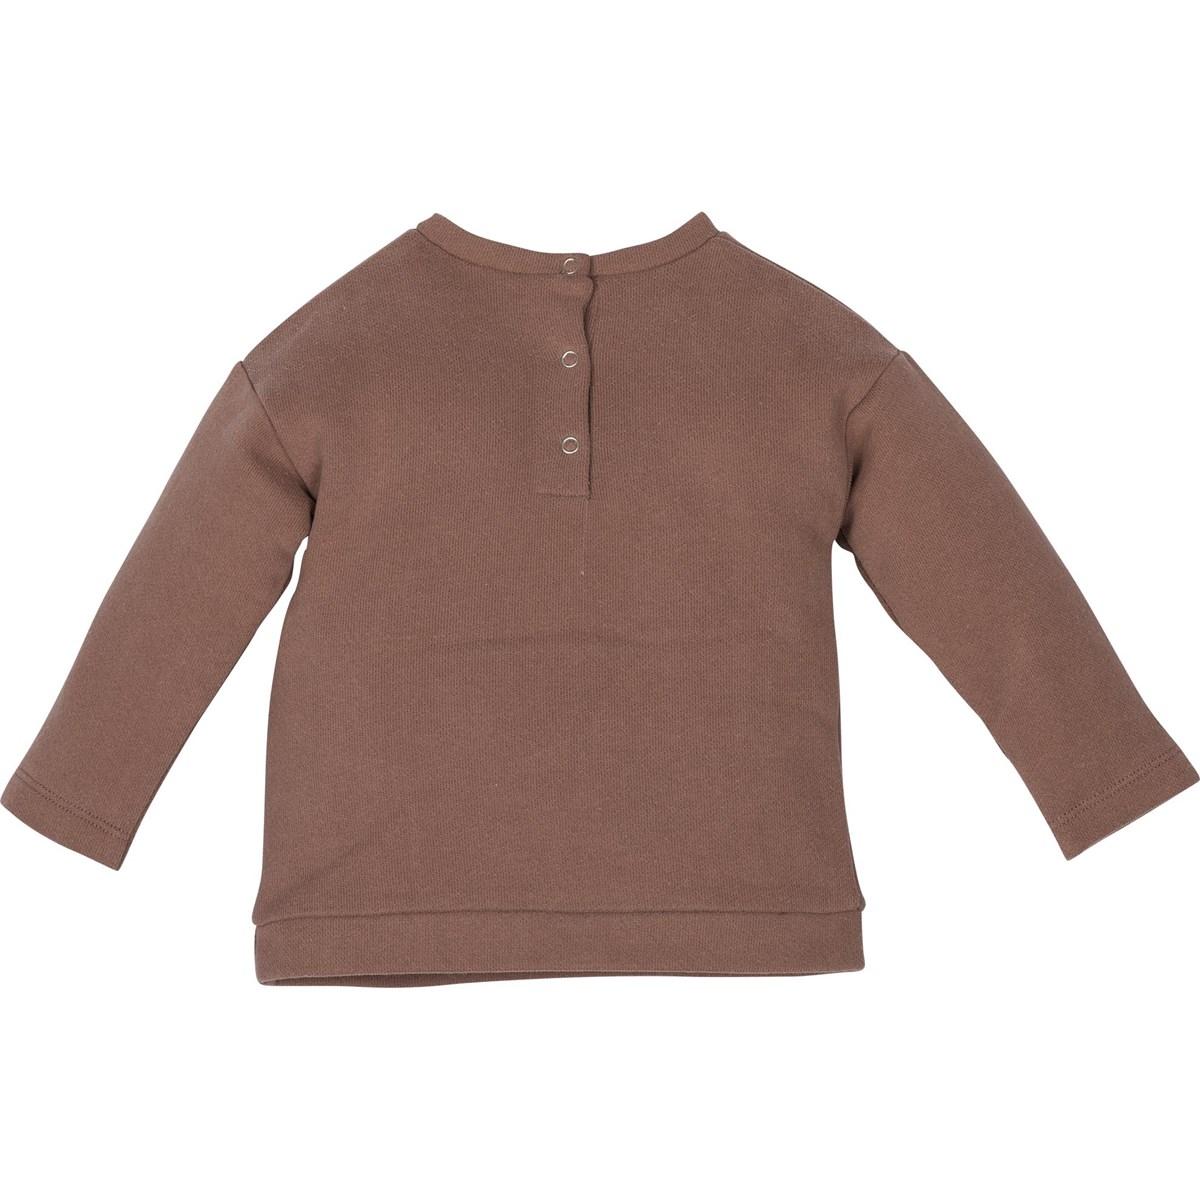 12305 Sweatshirt 2